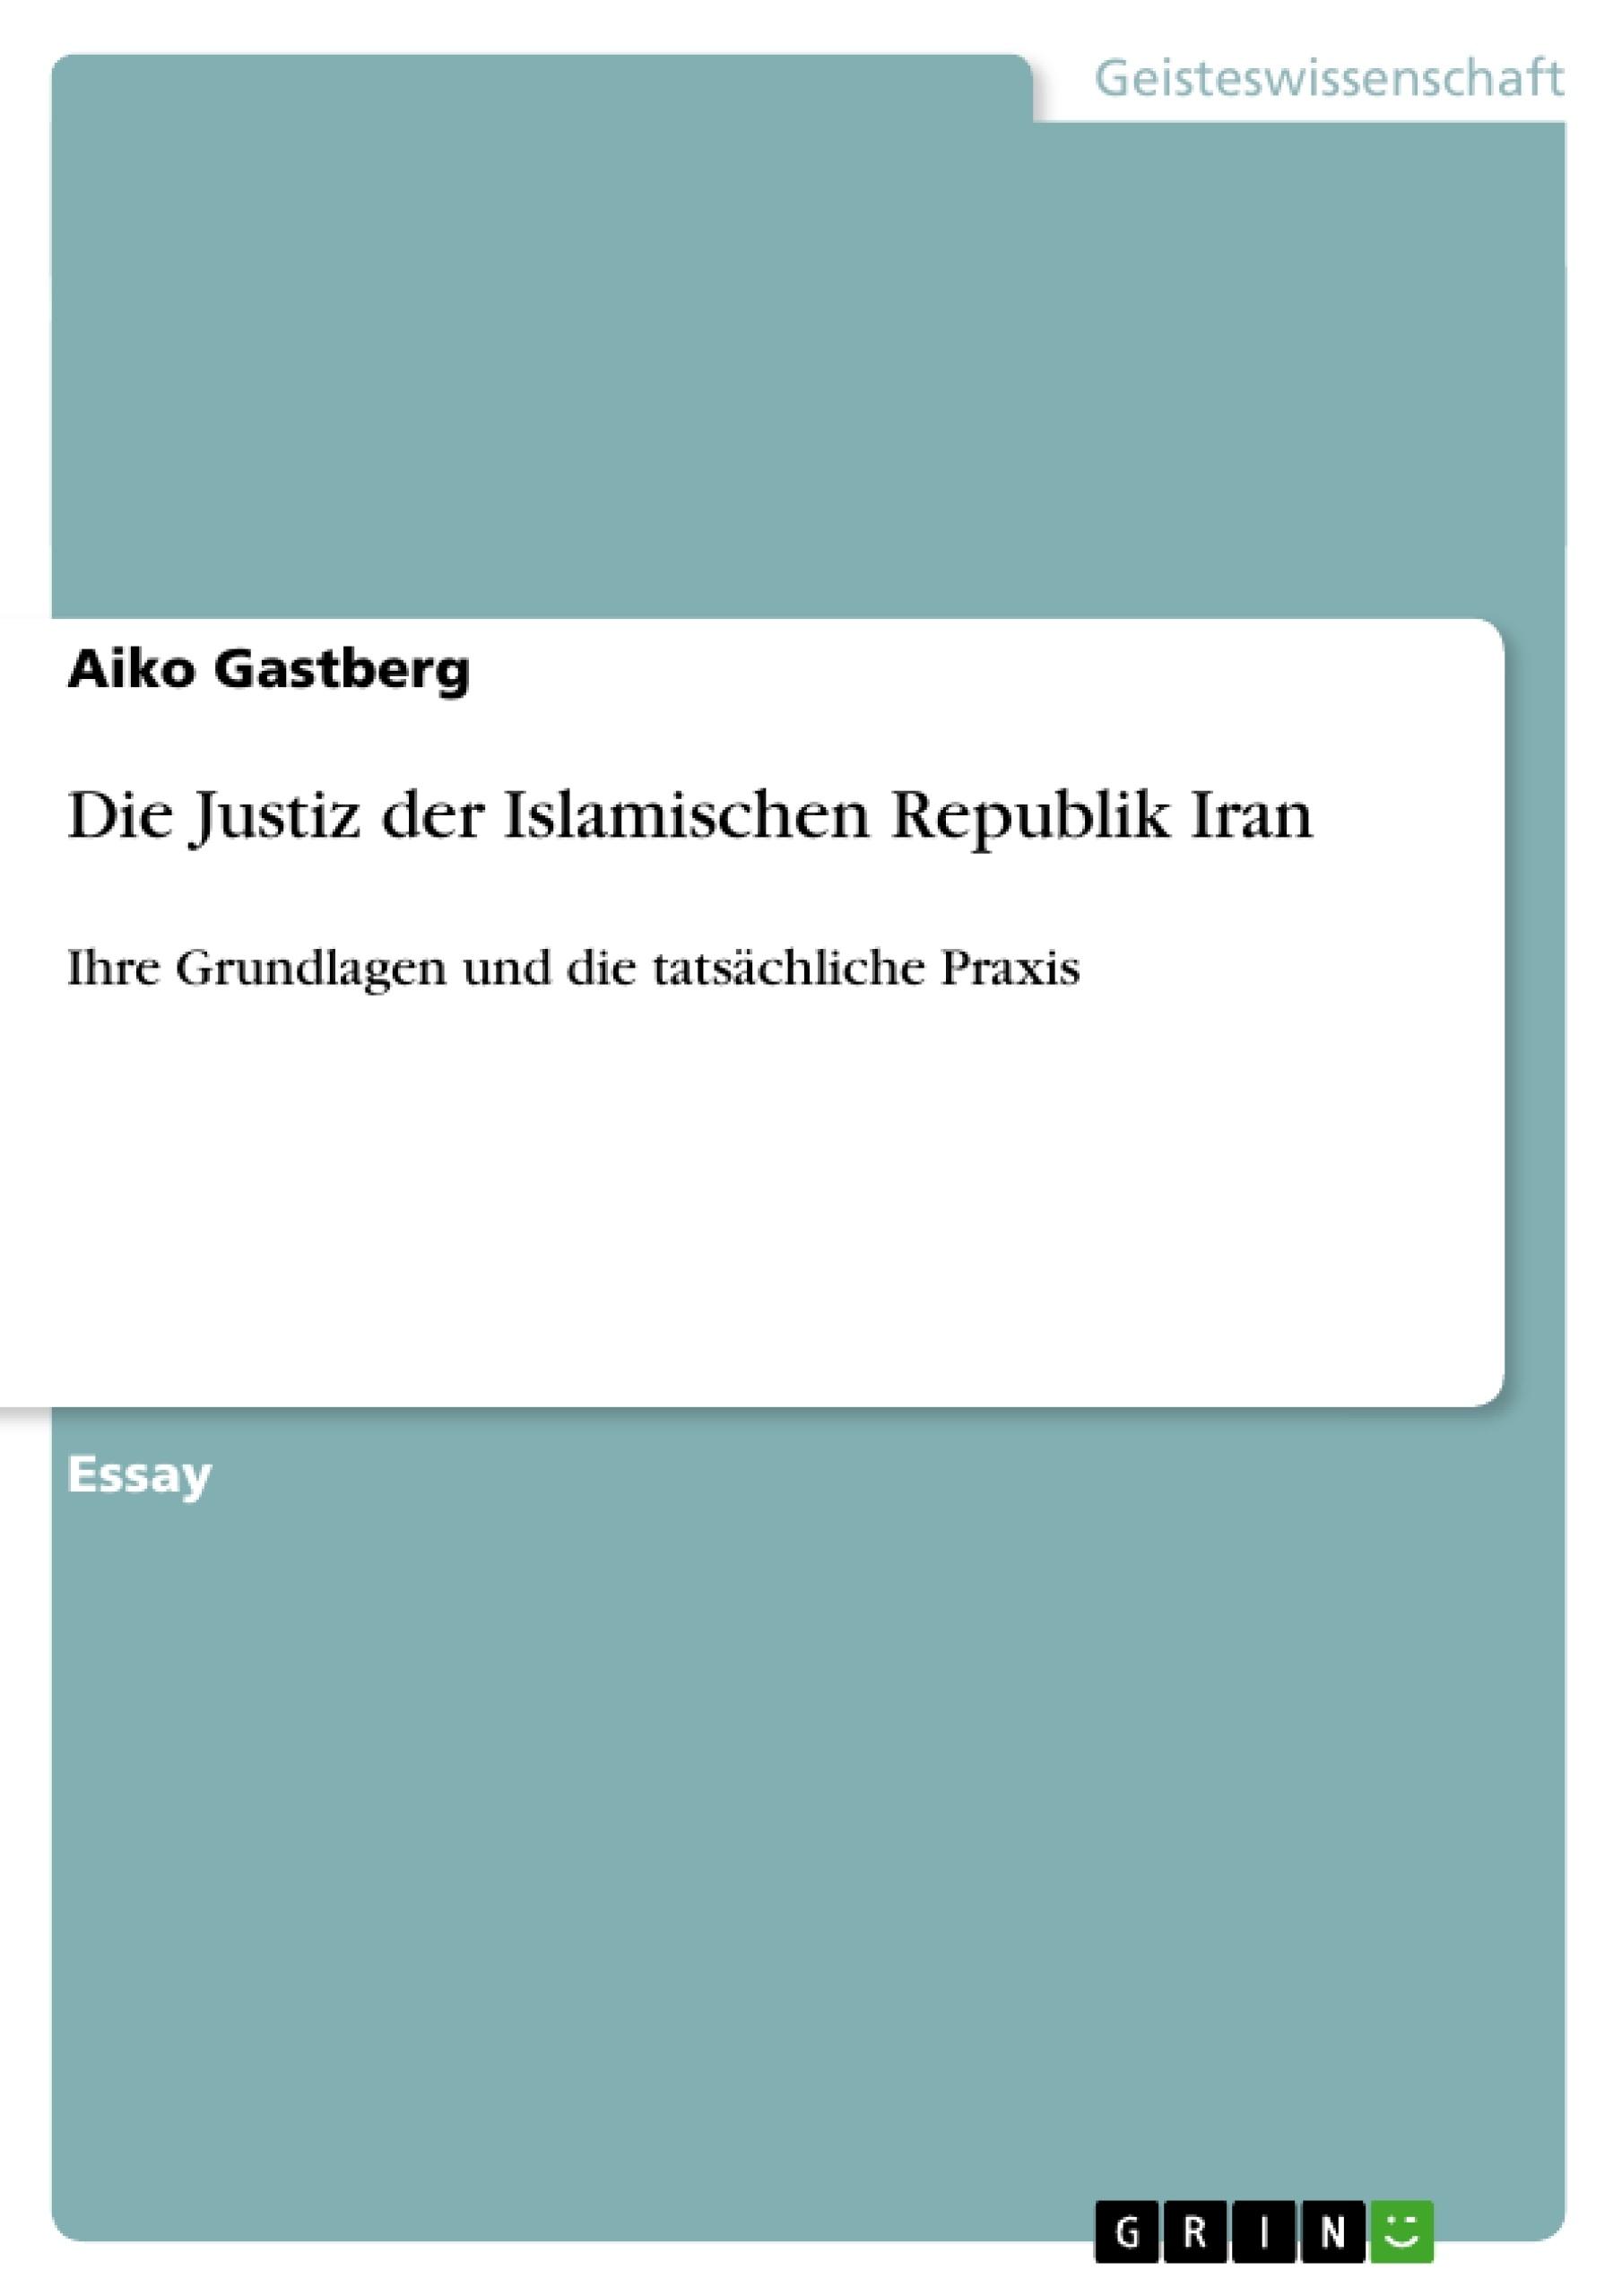 Titel: Die Justiz der Islamischen Republik Iran